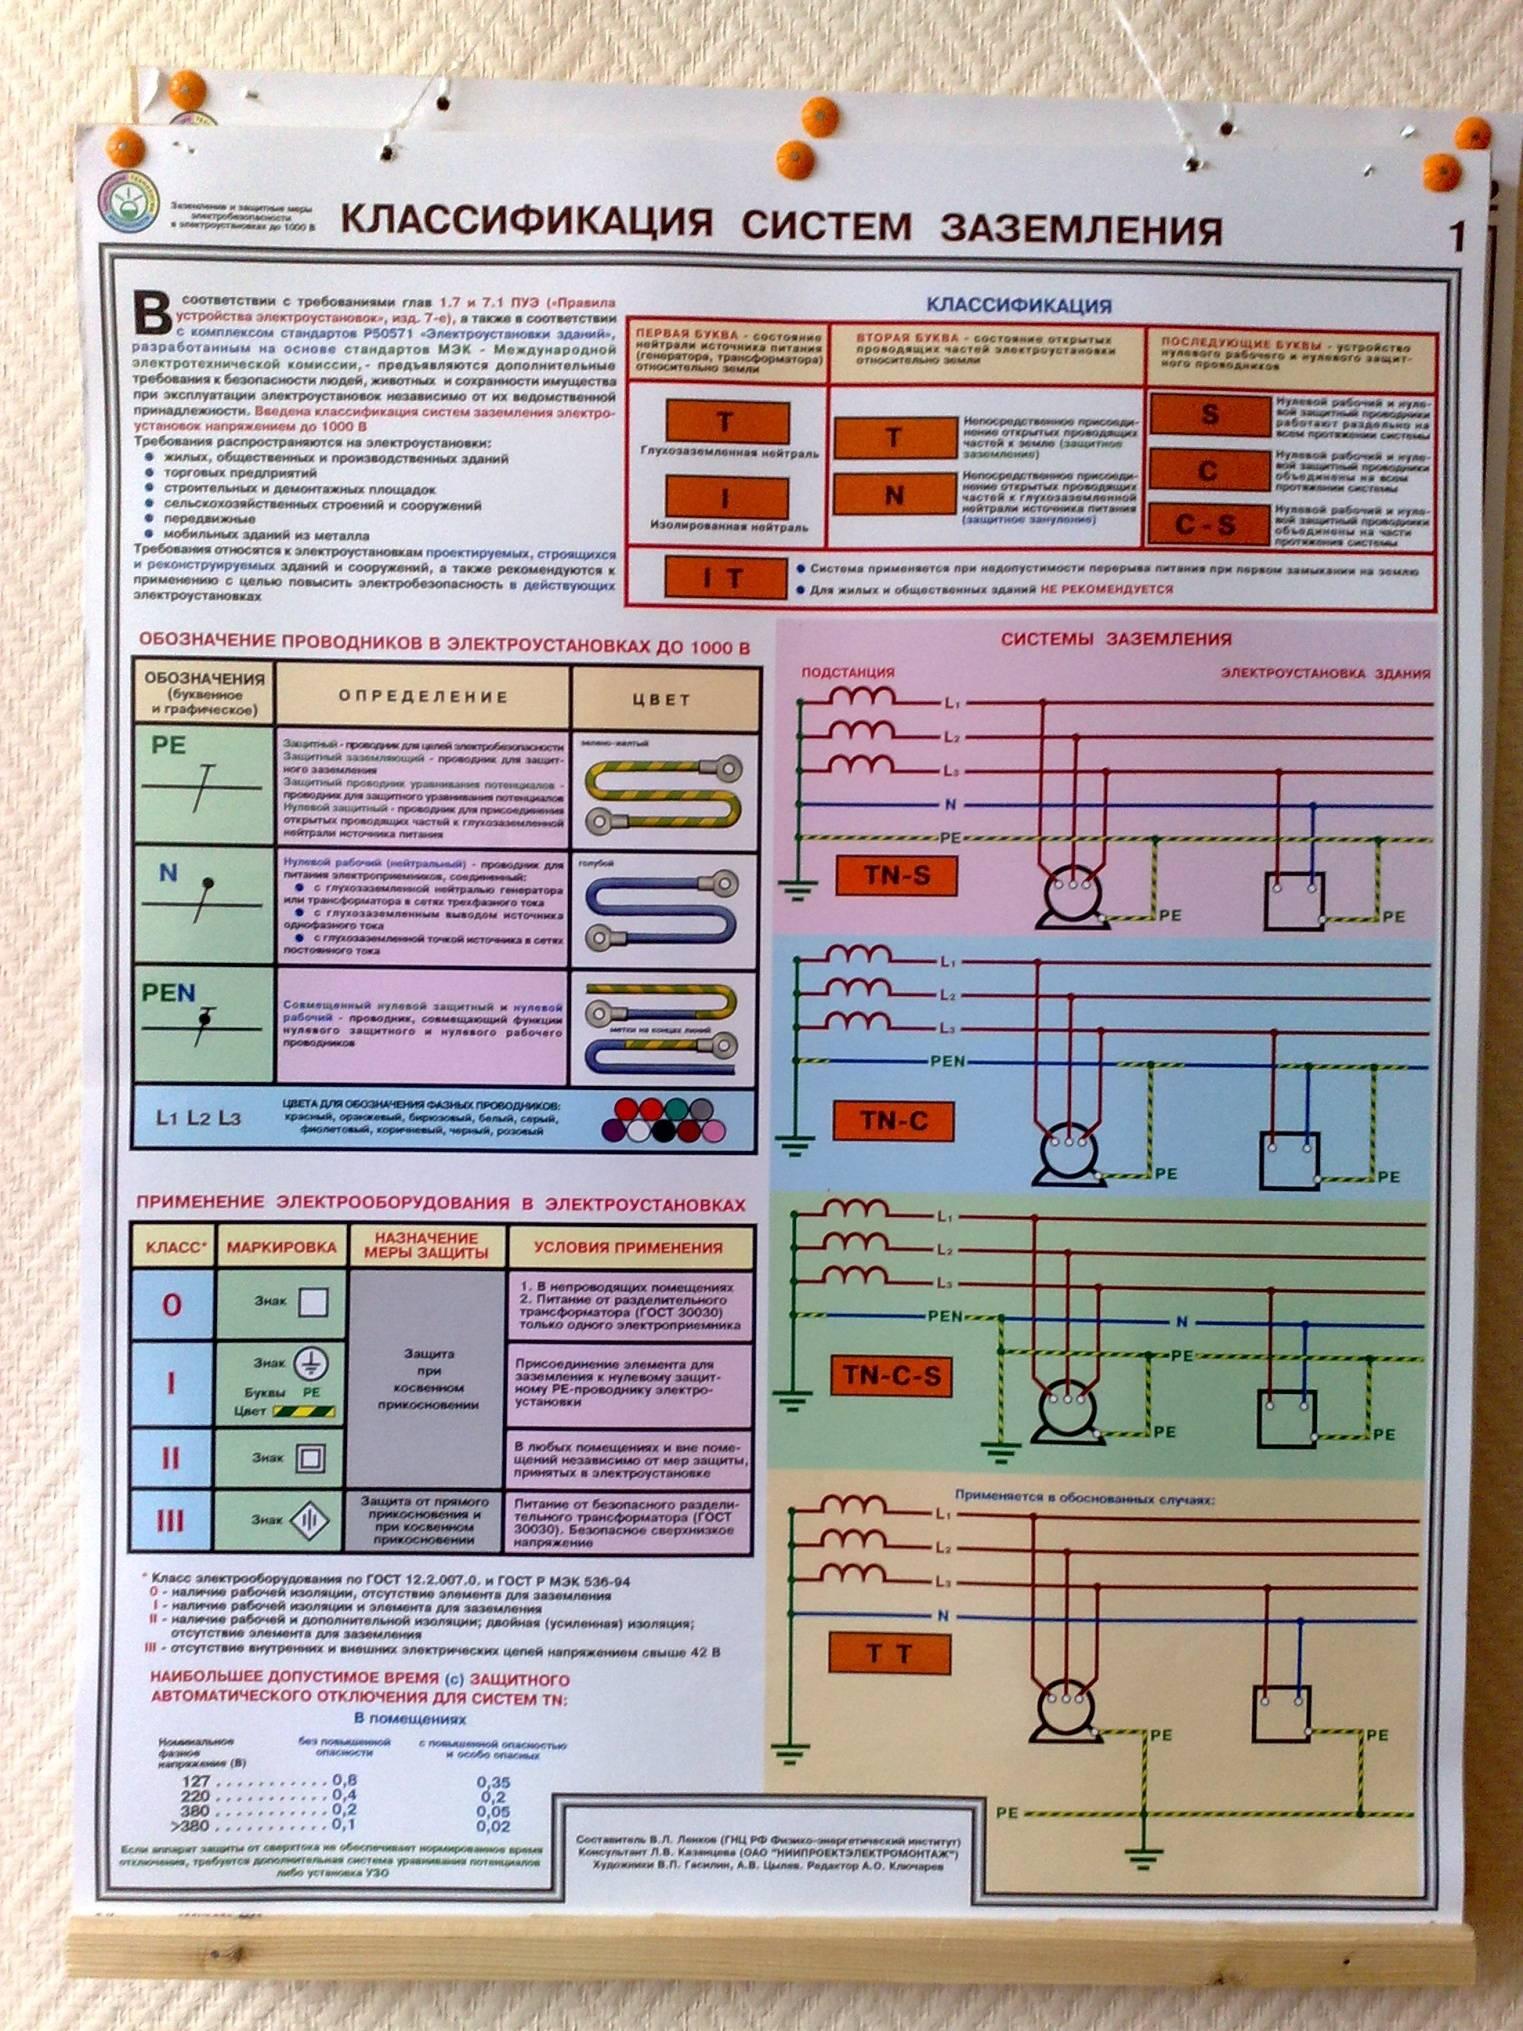 Пуэ-7 п.1.7.88-1.7.95  заземляющие устройства электроустановок напряжением выше 1 кв в сетях с эффективно заземленной нейтралью